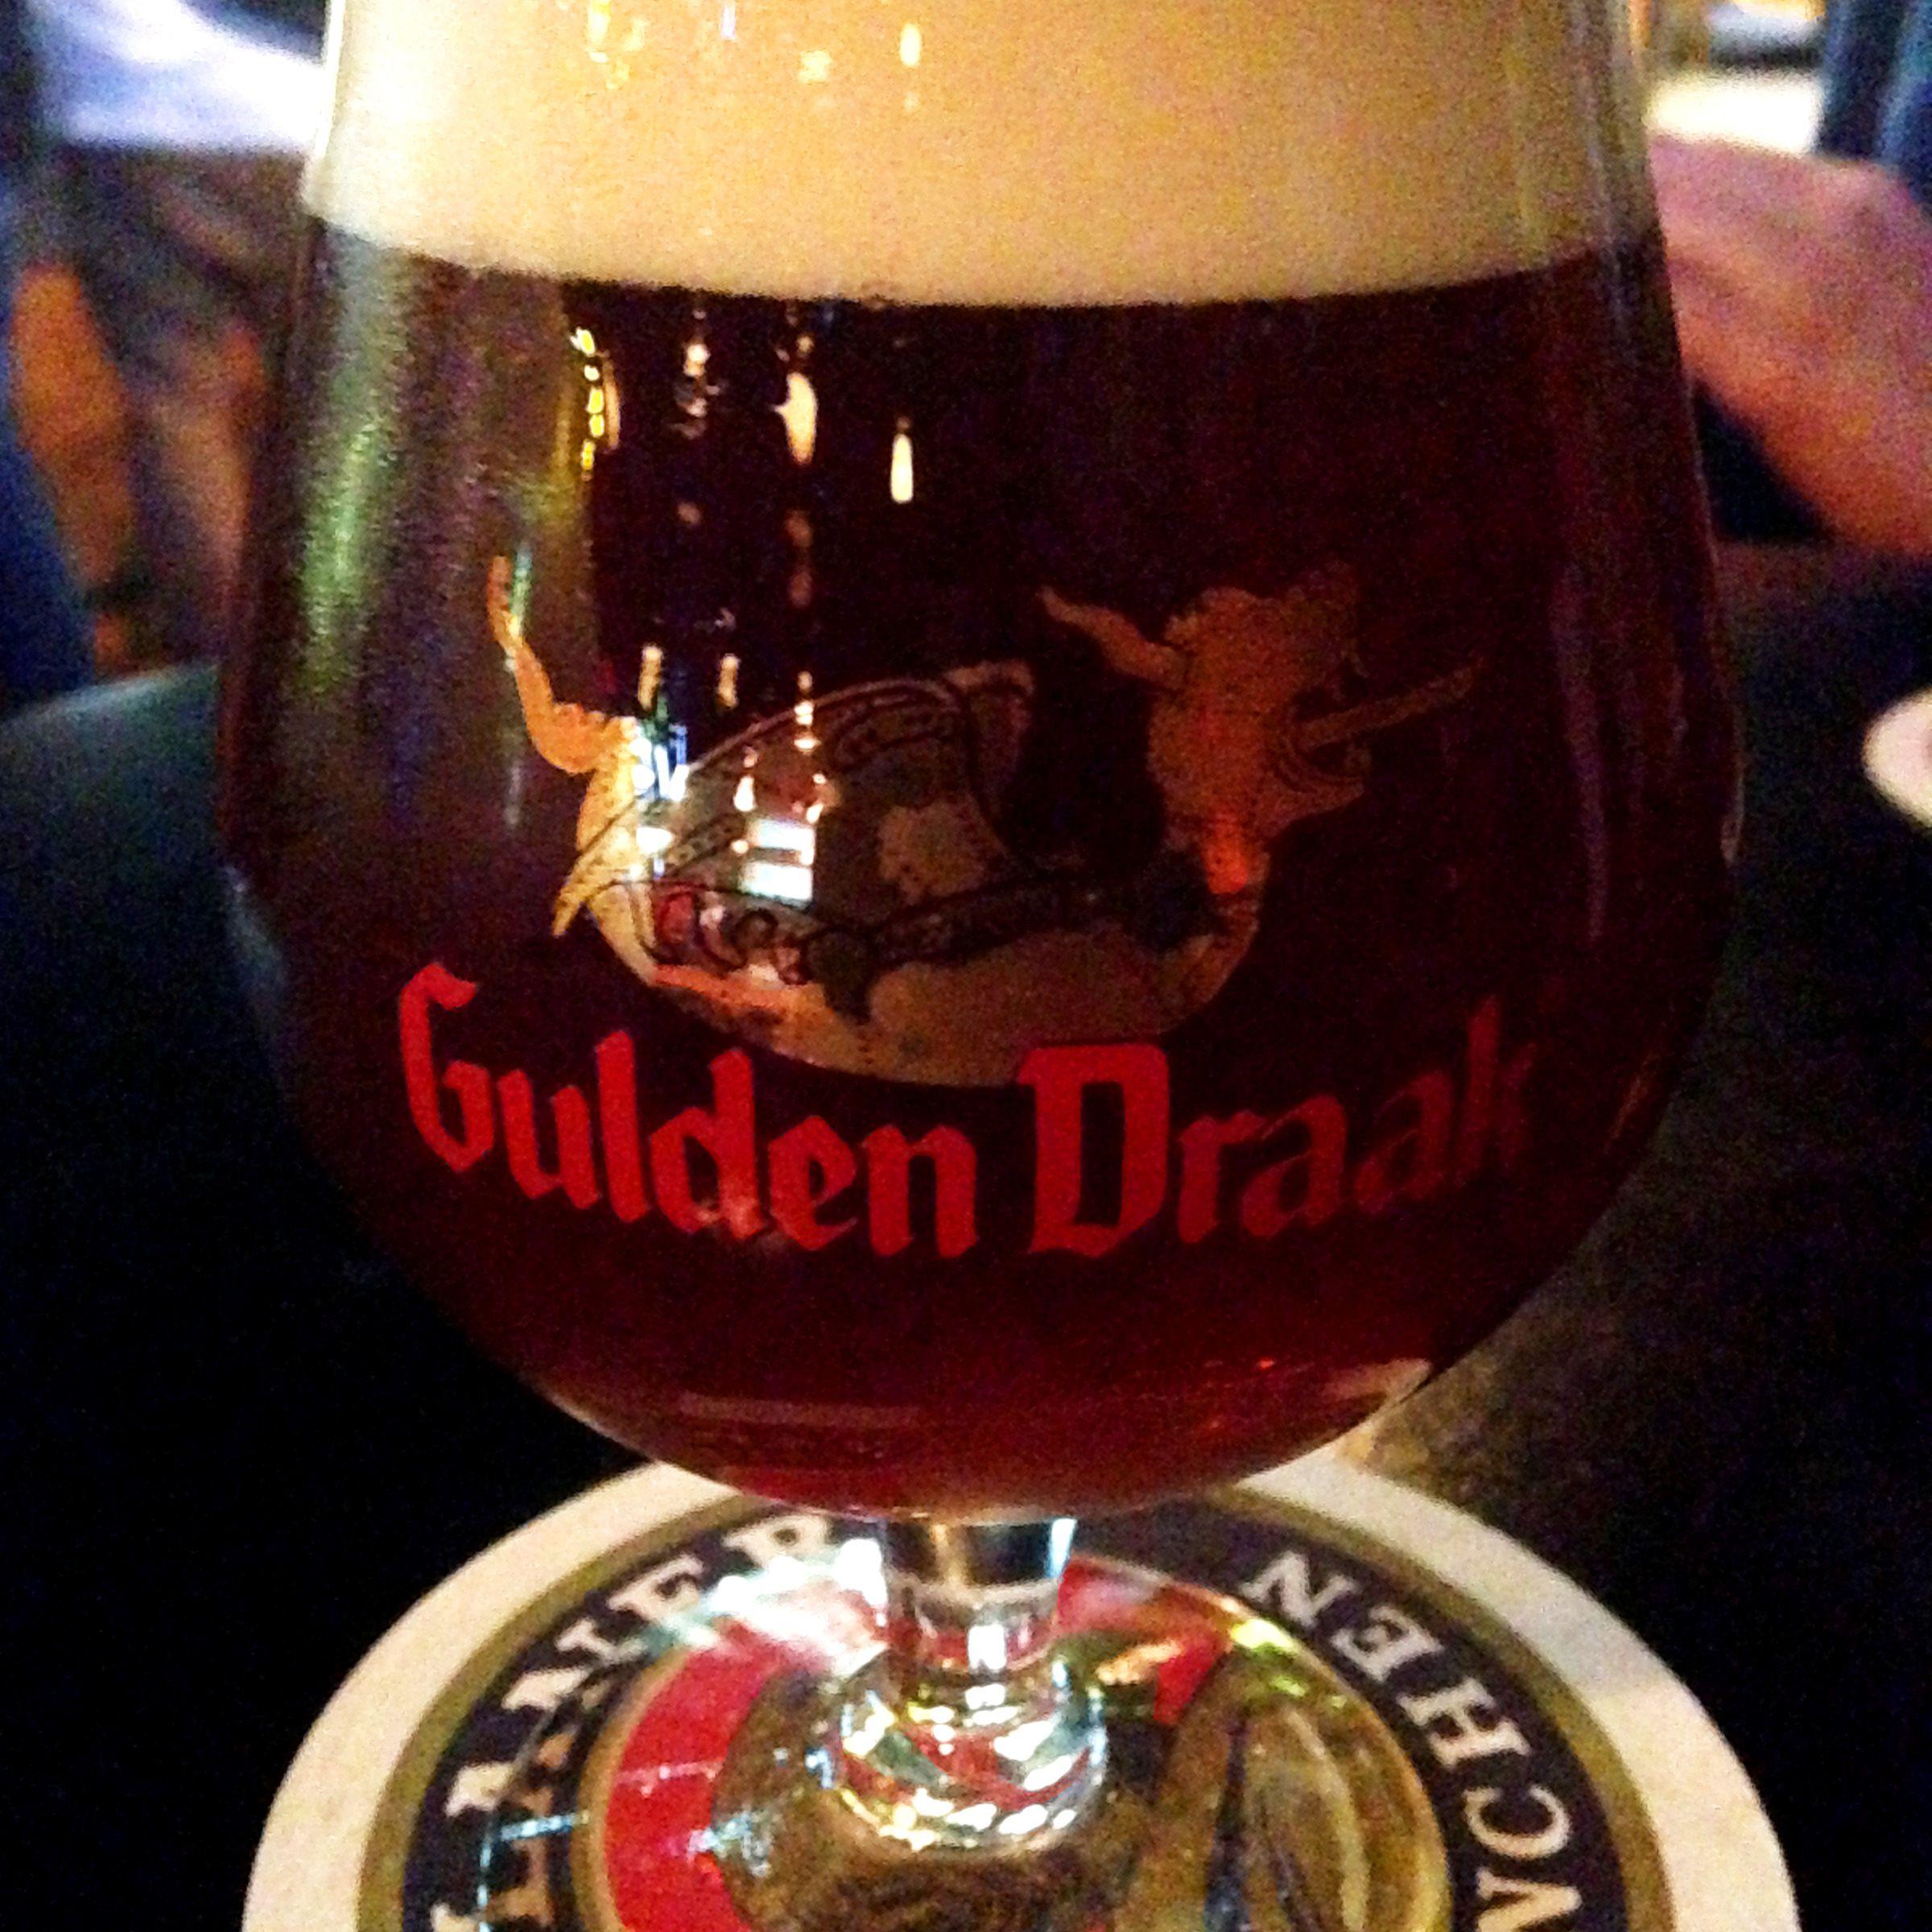 Gulden Draak #cerveja #beer